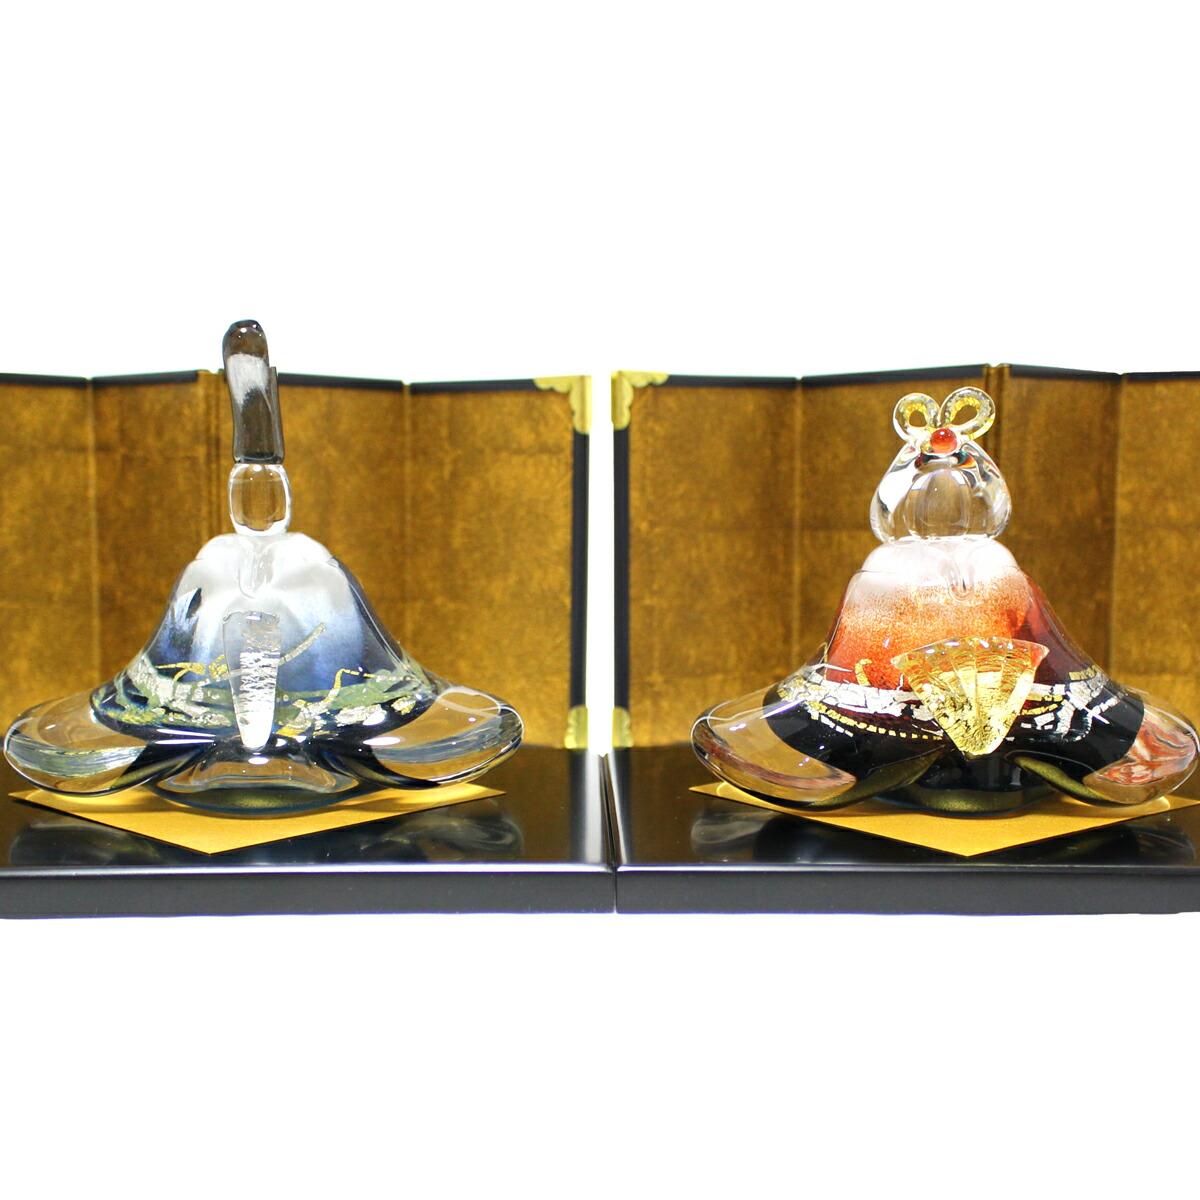 ガラスのお雛様 glass calico グラスキャリコ 富士雛 ハンドメイド ガラスアート